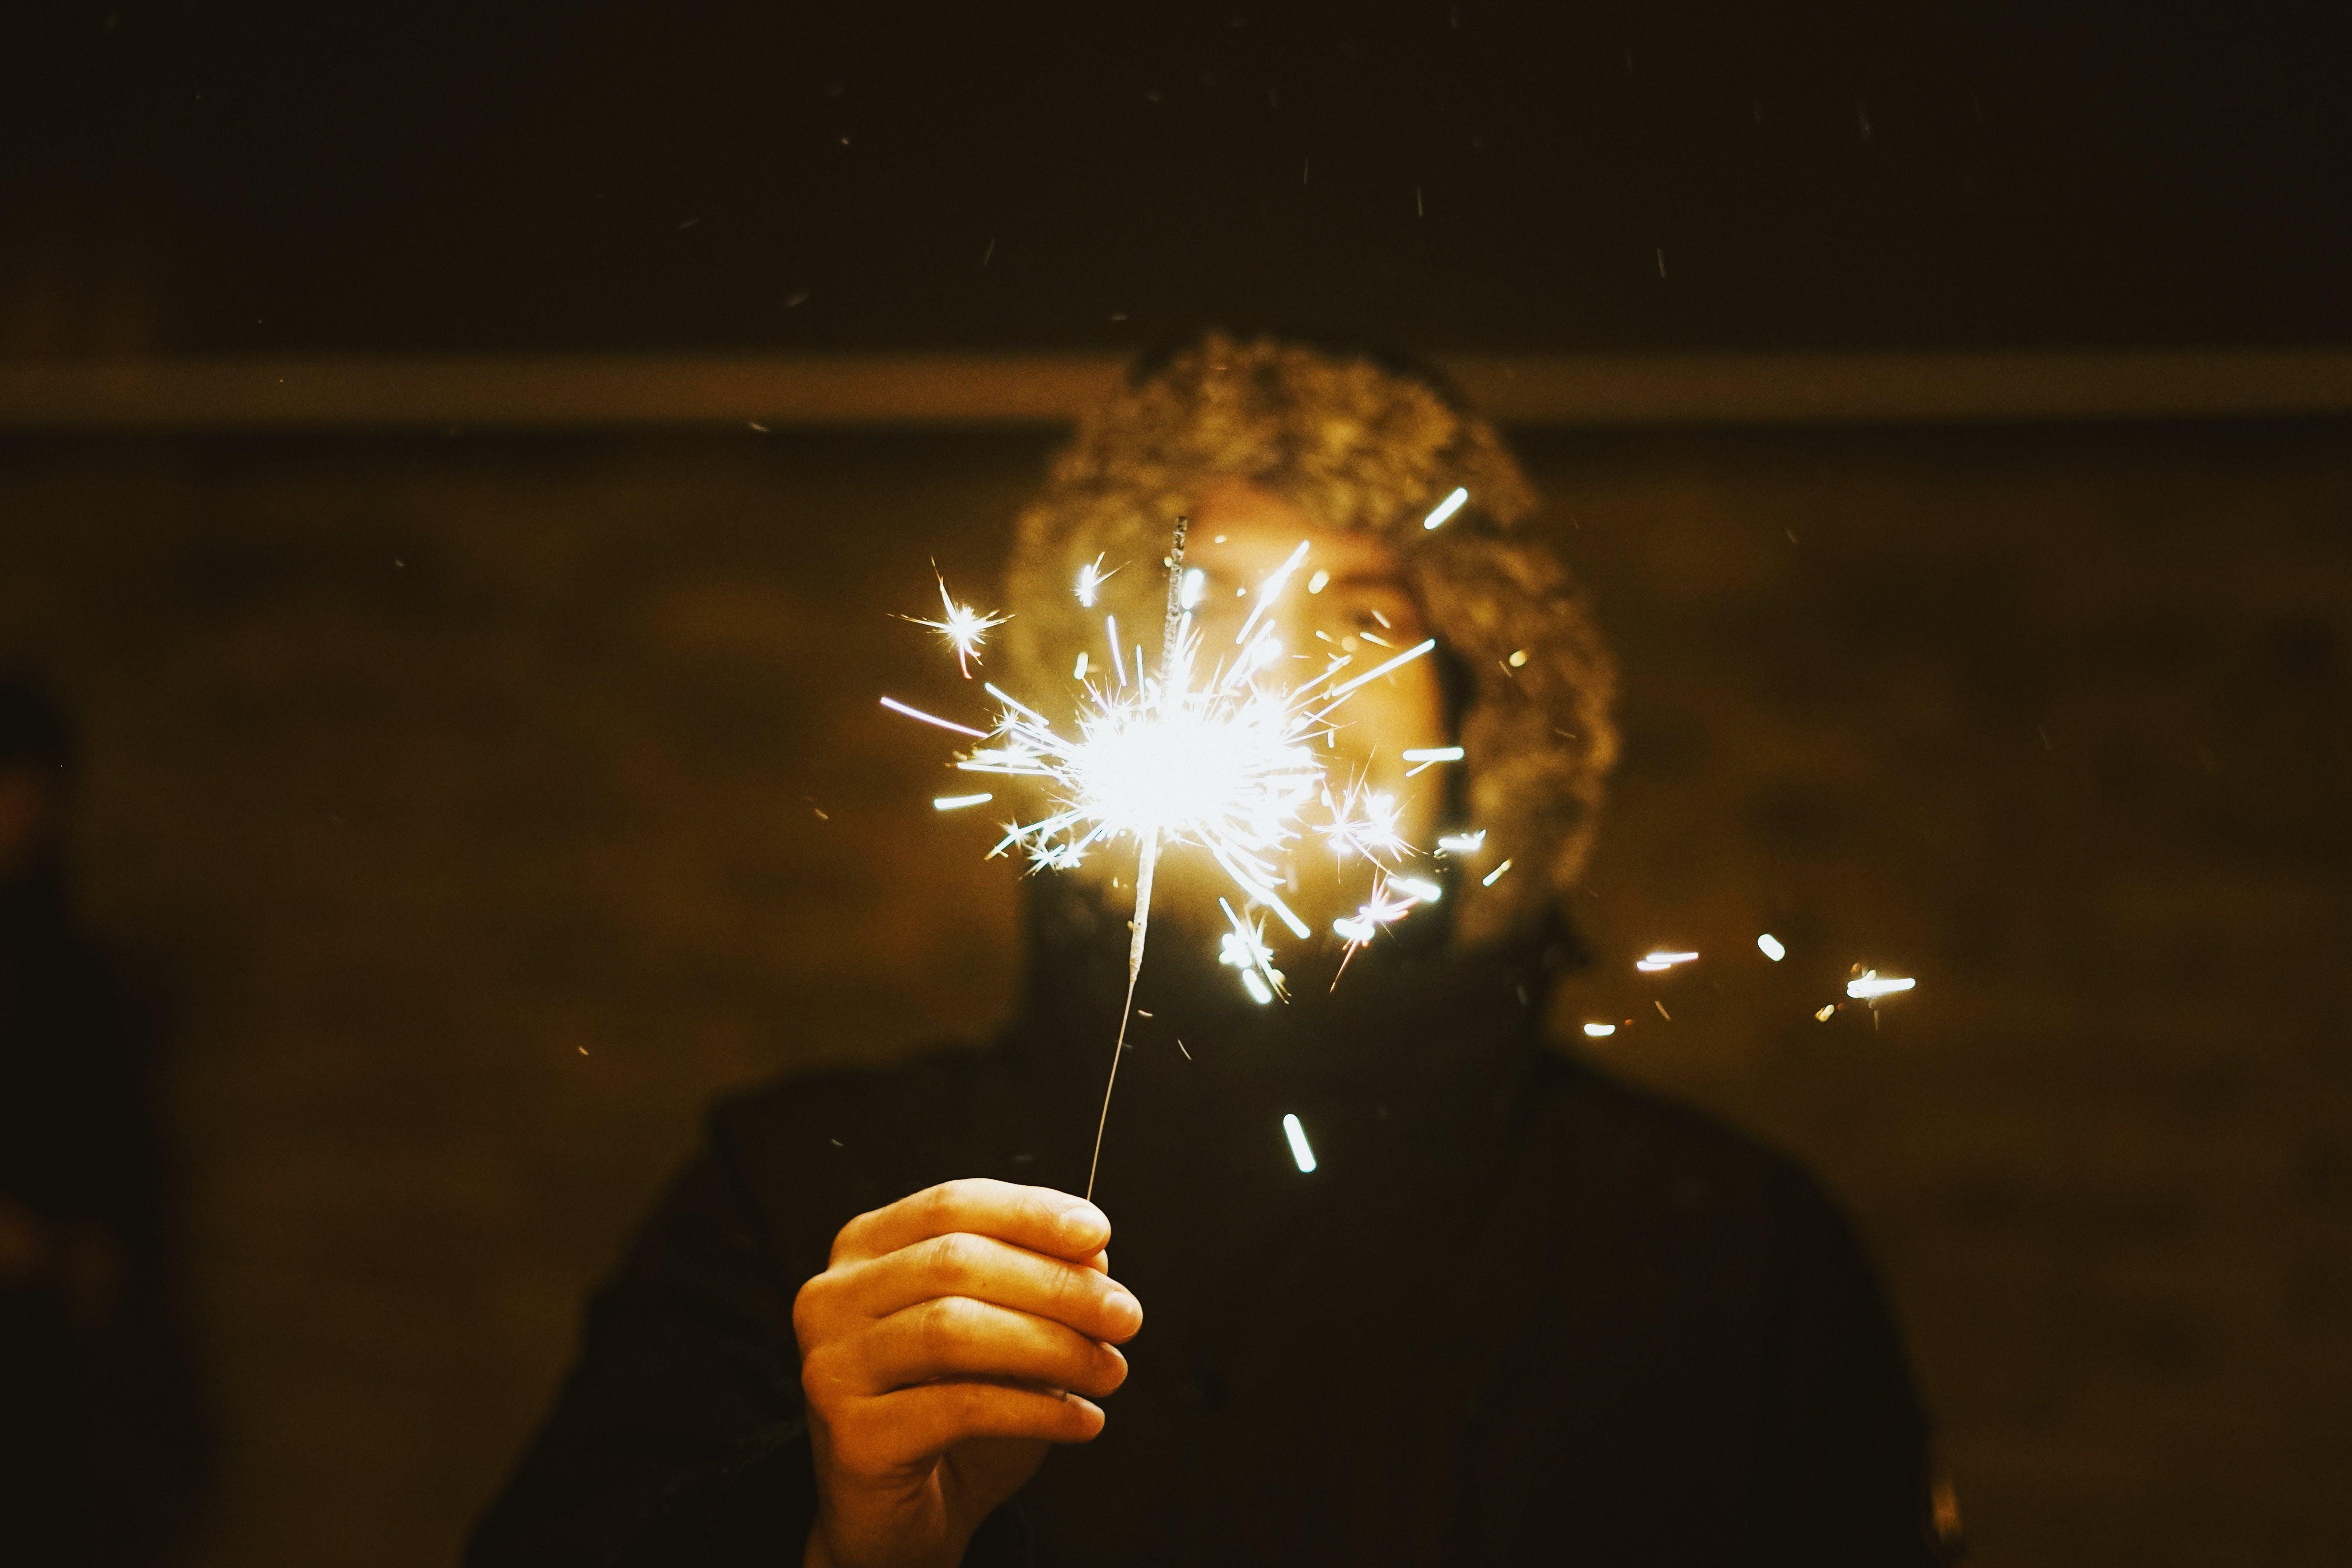 스파크, 축하, 축하하다, 폭죽의 무료 스톡 사진